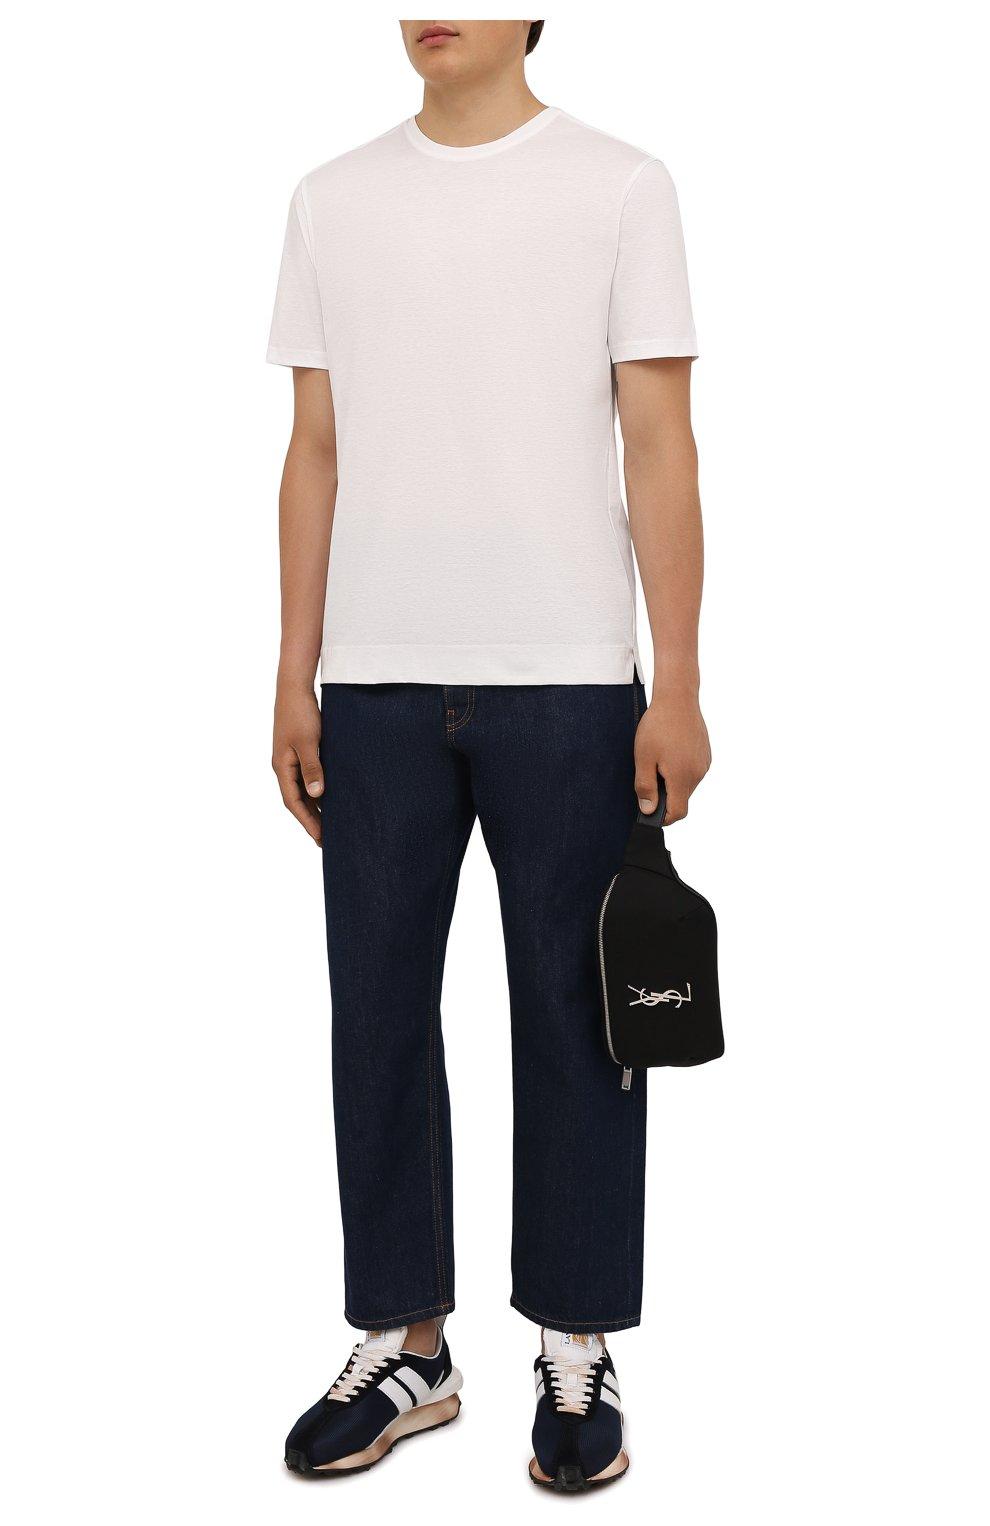 Мужская хлопковая футболка LIMITATO белого цвета, арт. EMBLEM/T-SHIRT | Фото 2 (Принт: Без принта; Рукава: Короткие; Длина (для топов): Стандартные; Материал внешний: Хлопок)